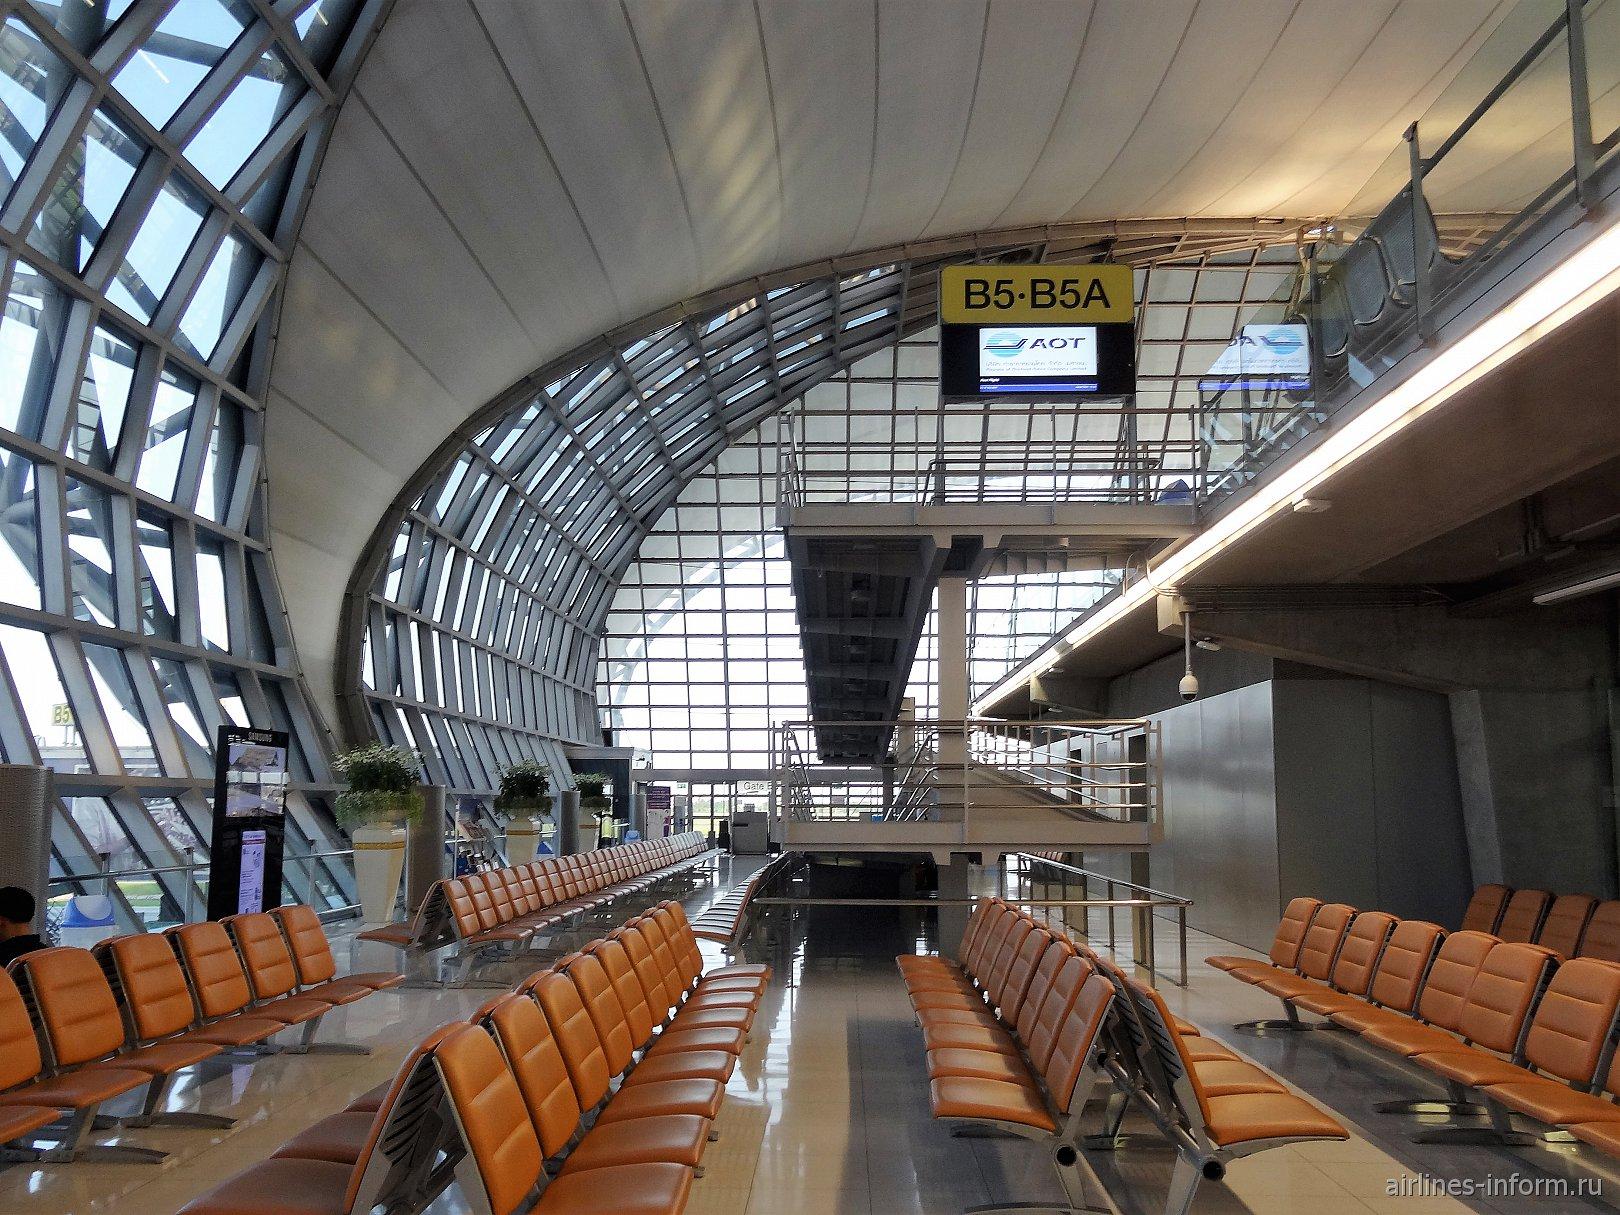 Сектор В выходов на посадку в аэропорту Бангкок Суварнабуми